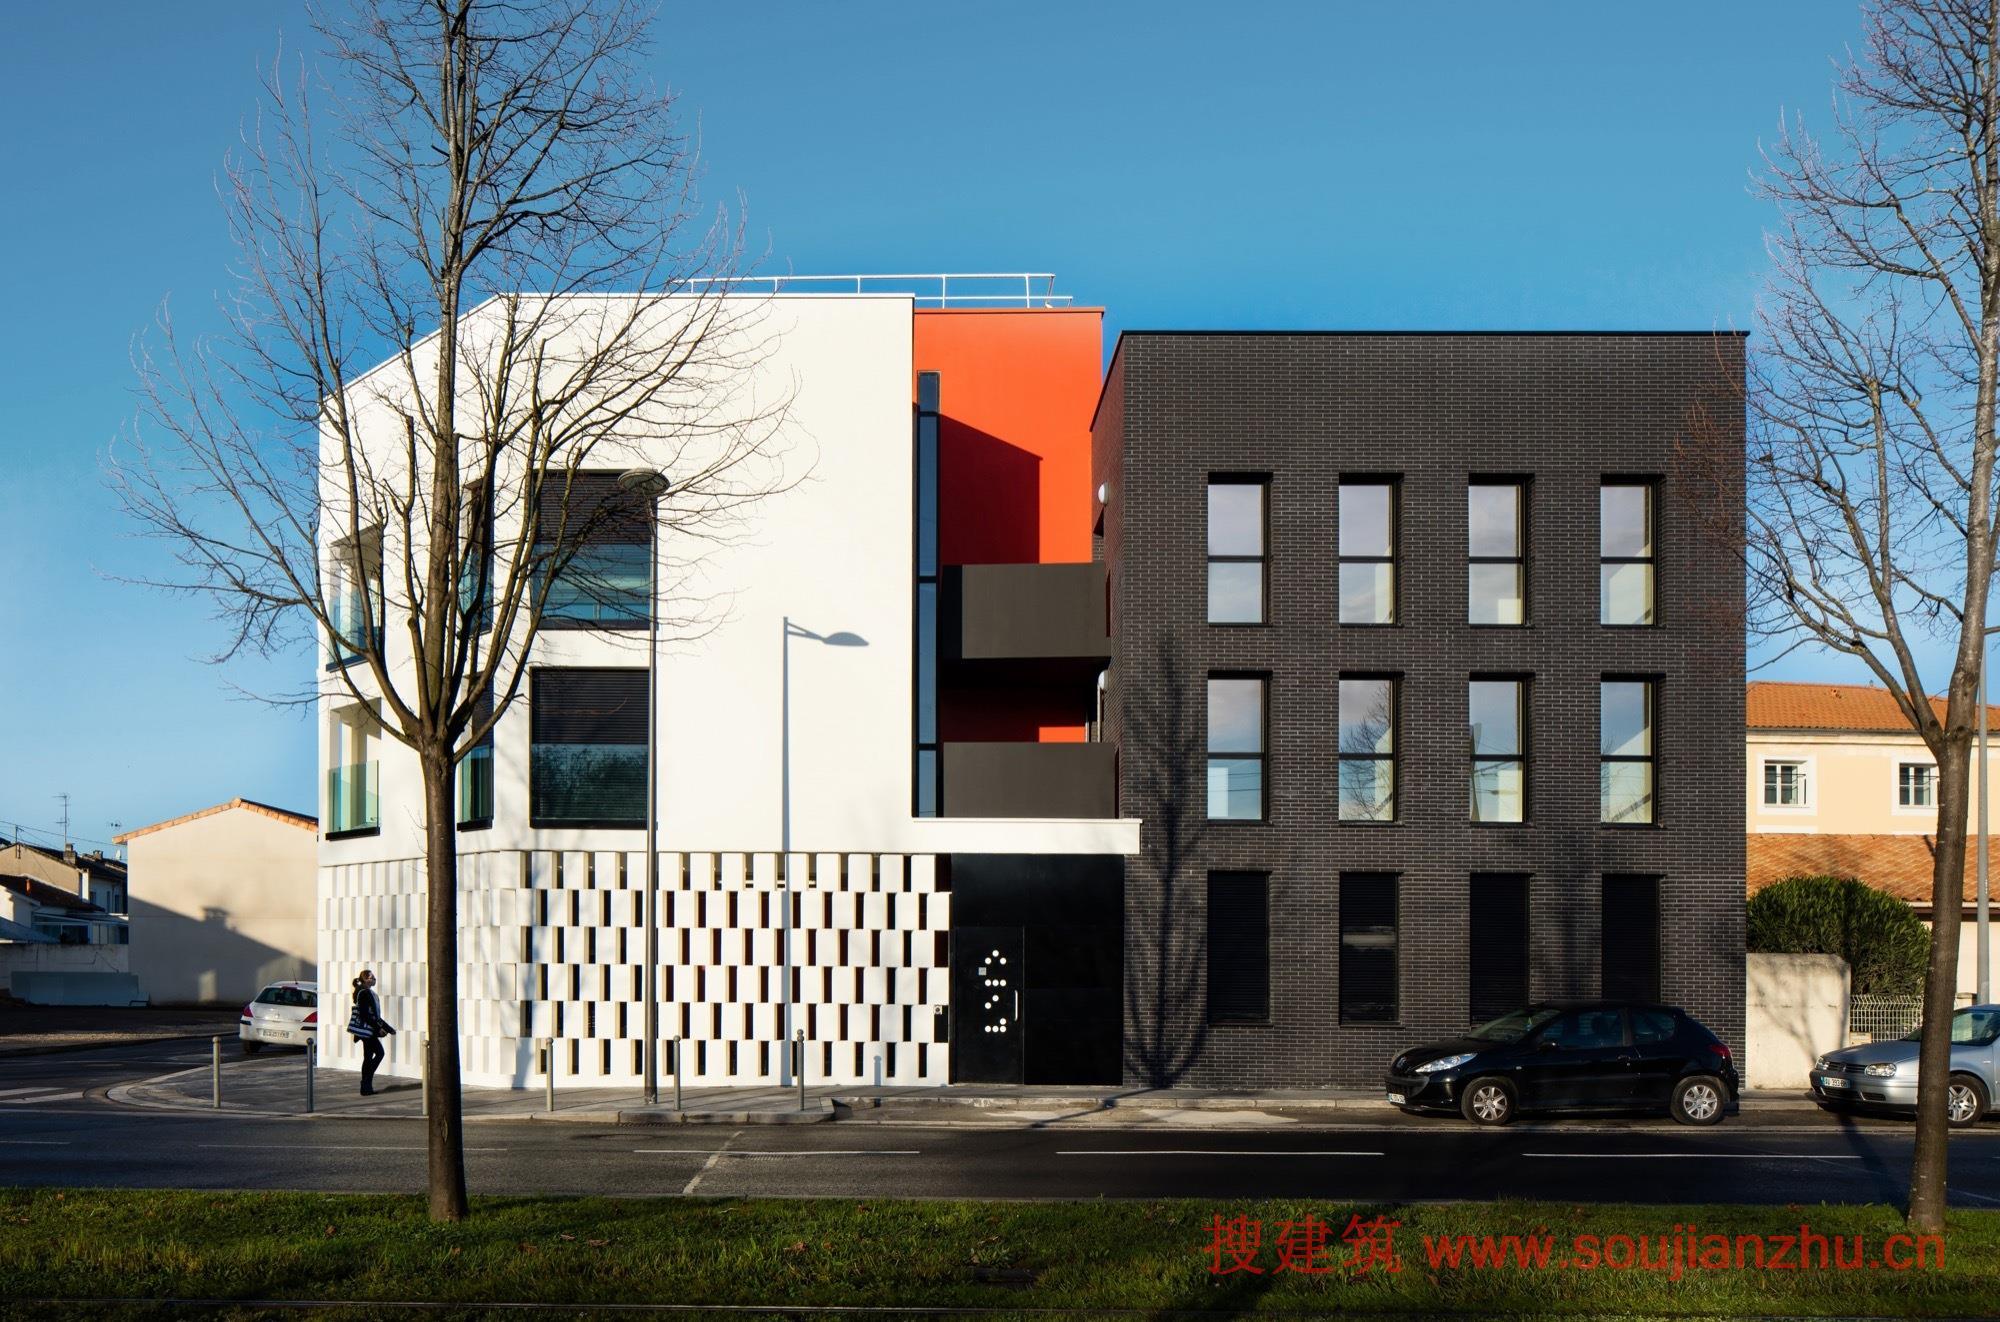 黑白体块的现代建筑